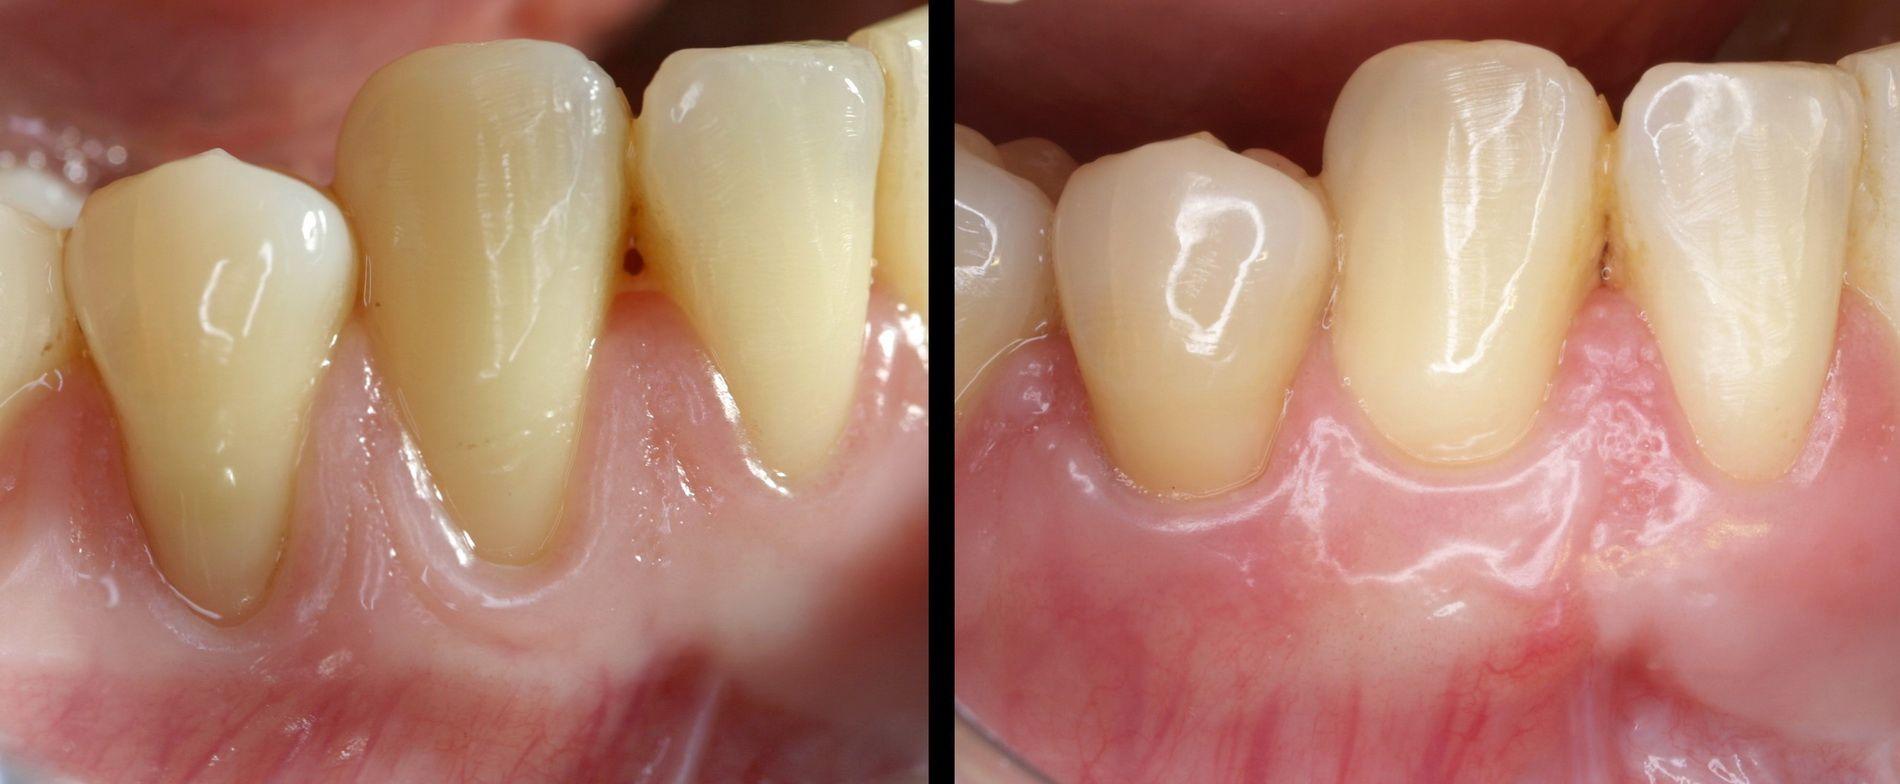 Tractament d'estètica de les genives retretes. Clínica dental Padrós, dentista a Barcelona